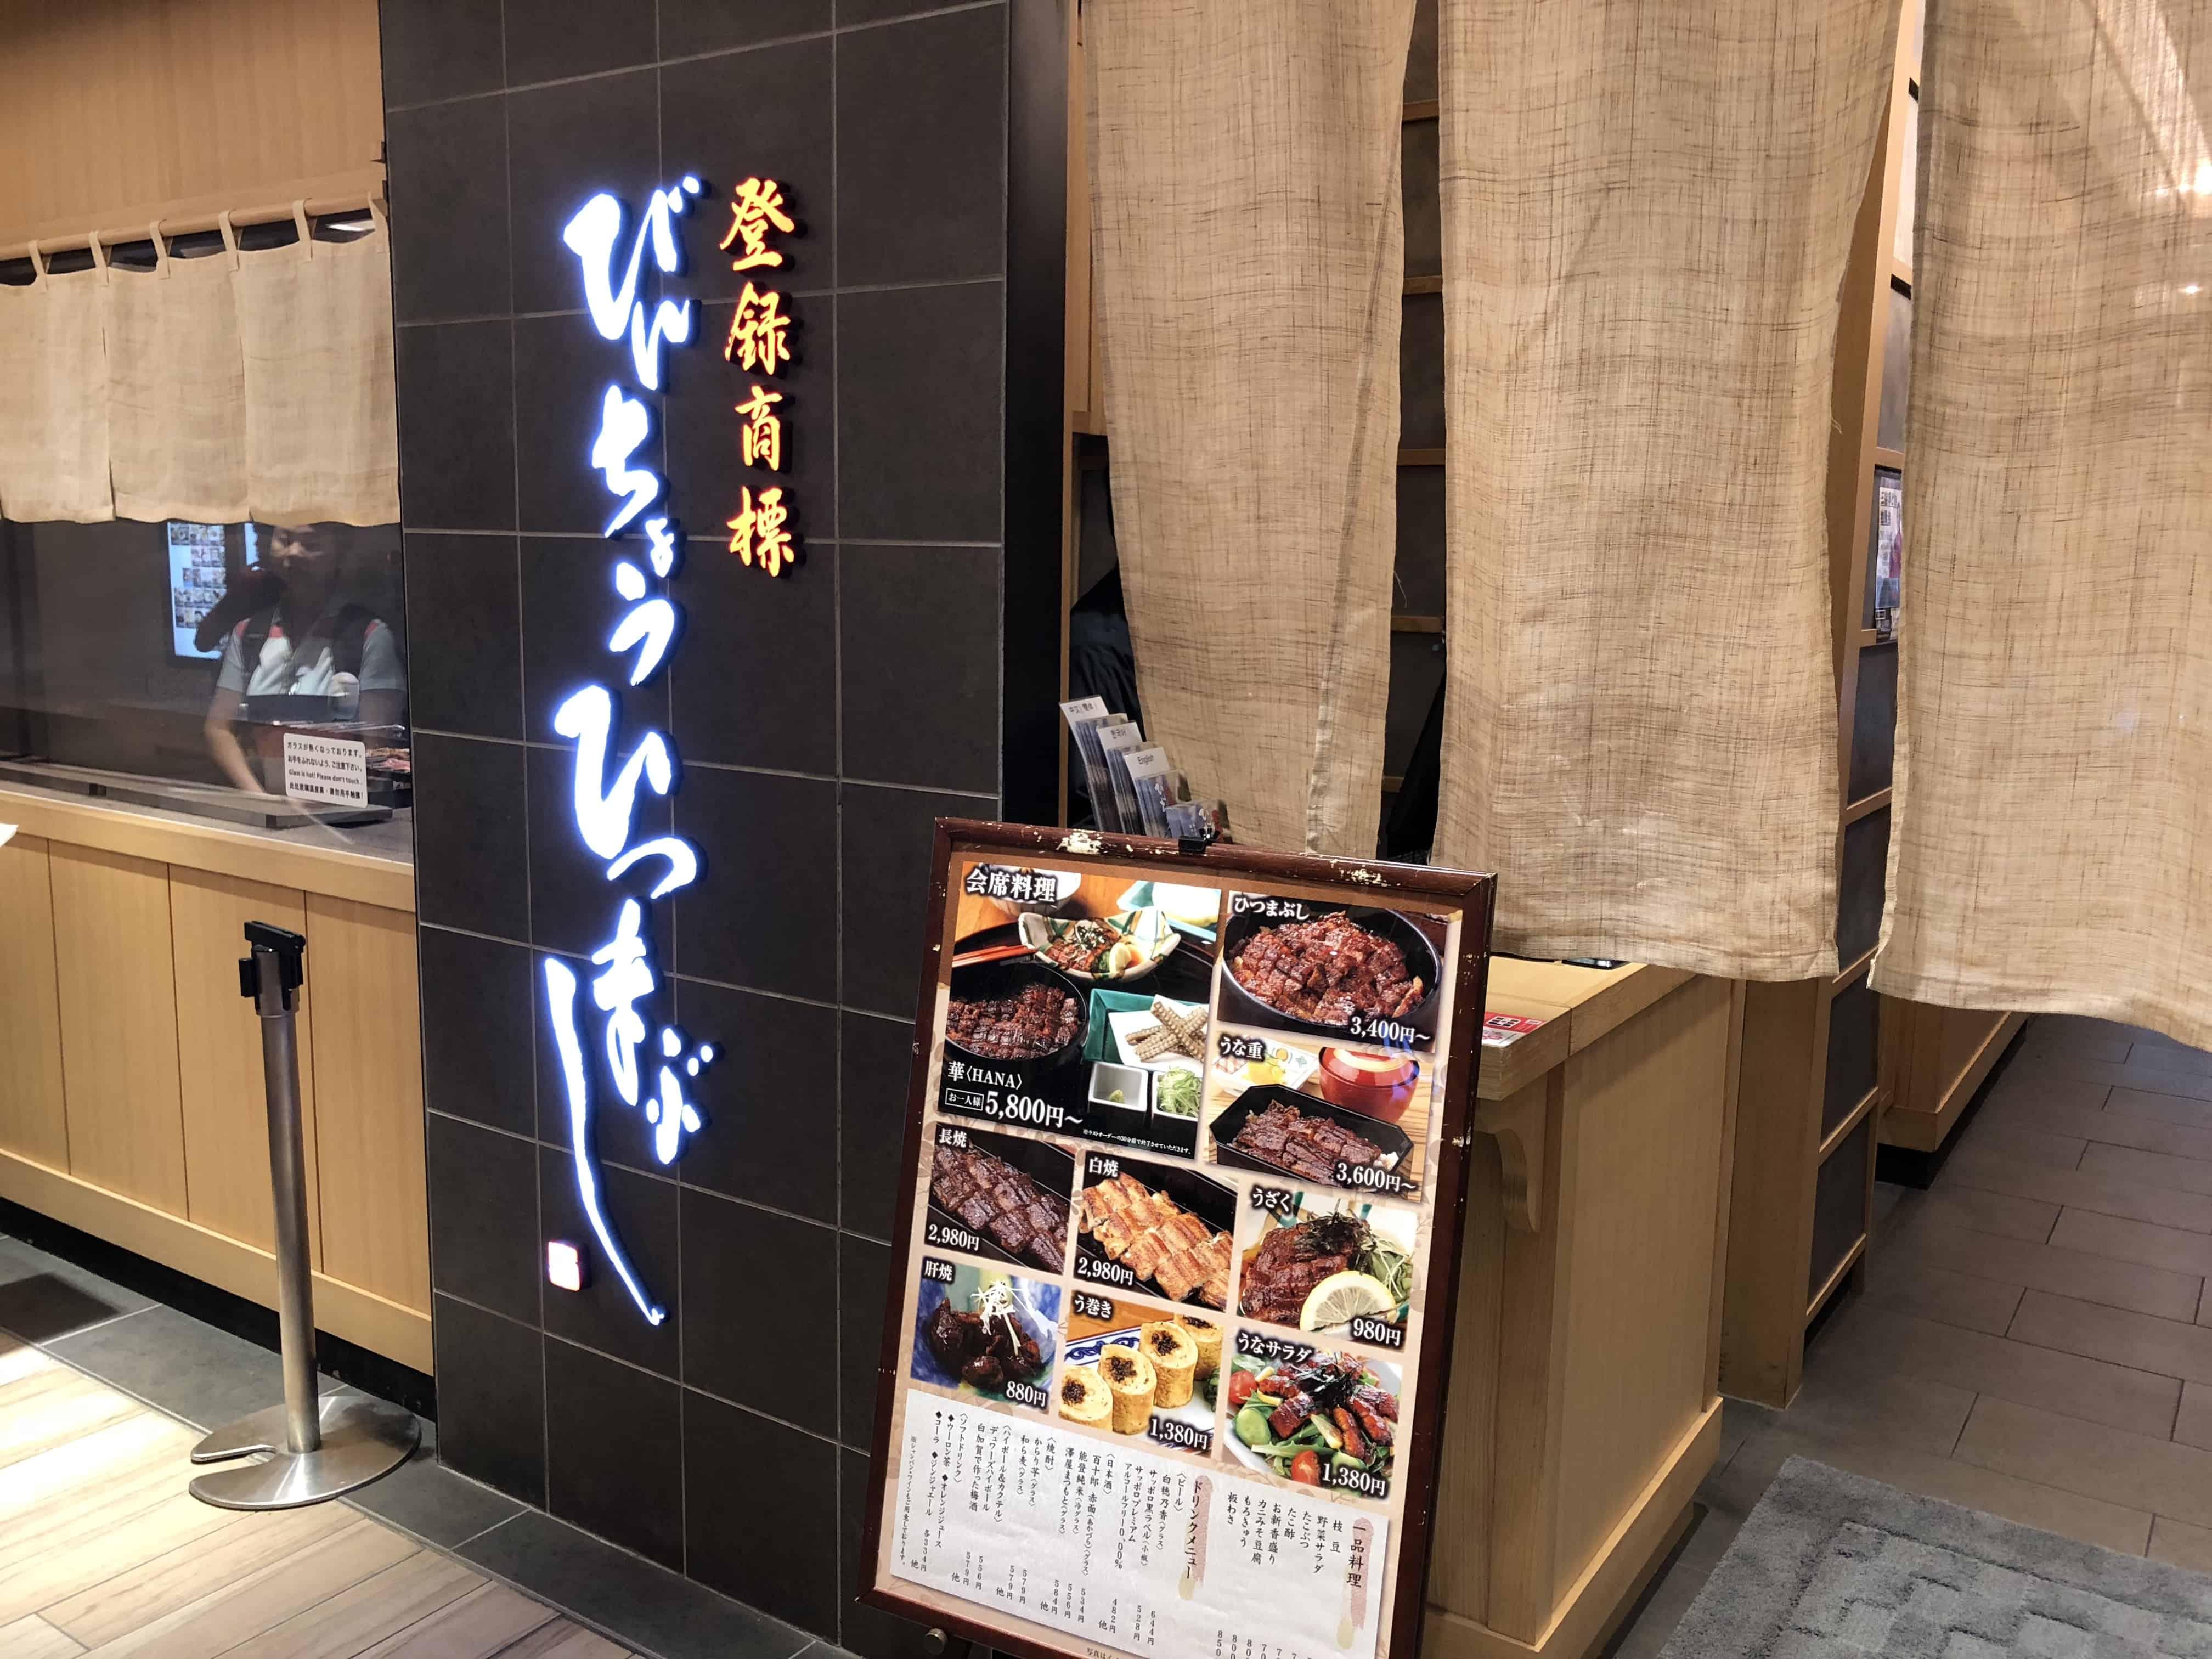 ร้านฮิตสึมาบุชินาโกย่าบินโจ สาขาอาคารไดนาโกย่า (Hitsumabushi Nagoya Bincho Dainagoya Building-ten : ひつまぶし名古屋備長 大名古屋ビルヂング店) ที่นาโกย่า